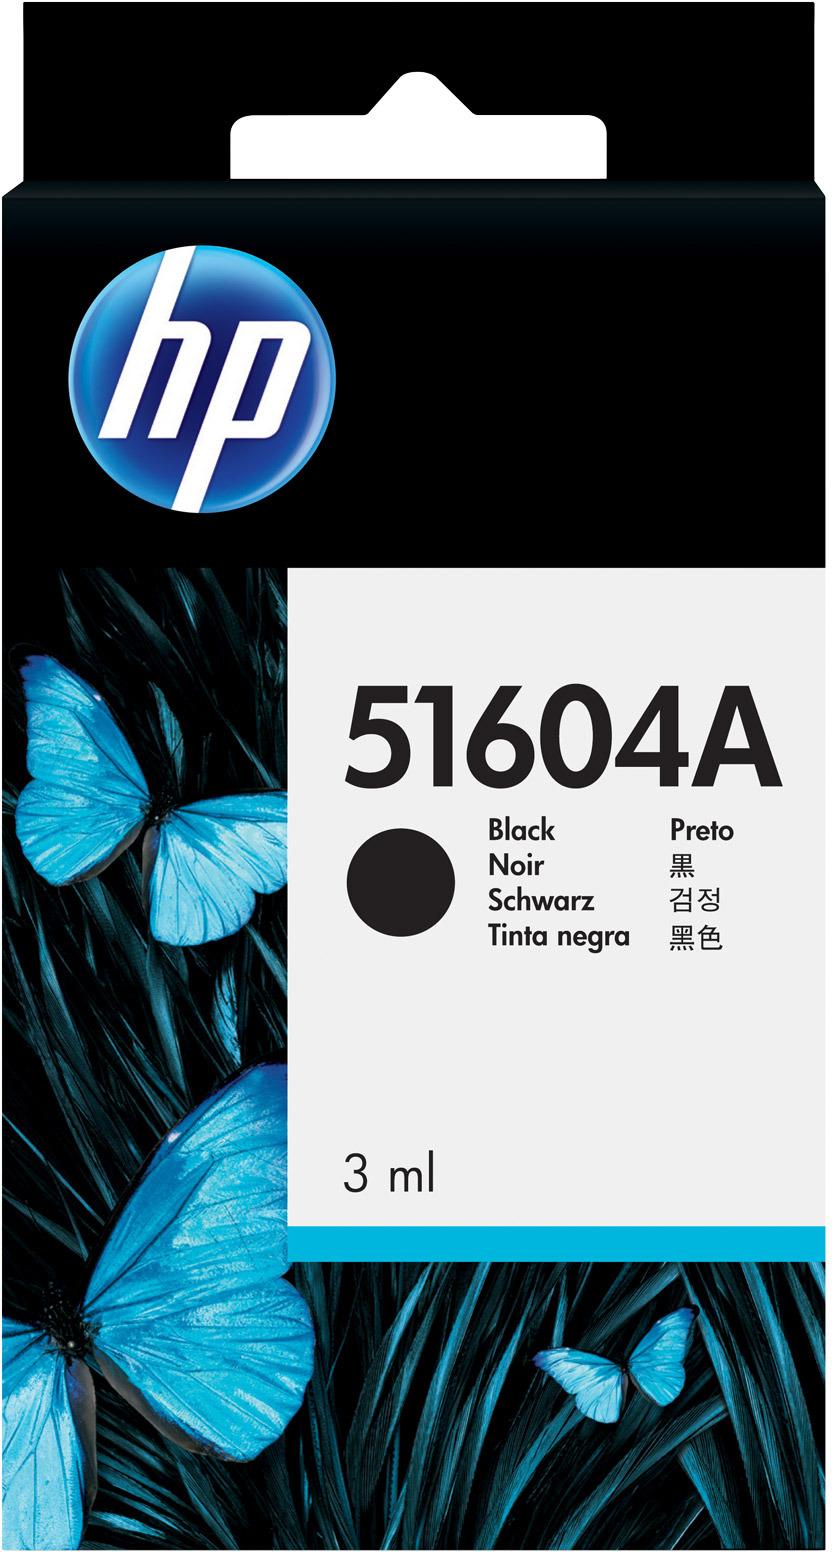 Картридж HP 51604A, черный, для струйного принтера, оригинал